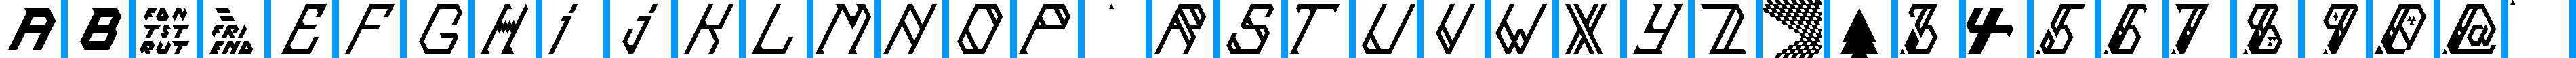 Particip-a-type v.339